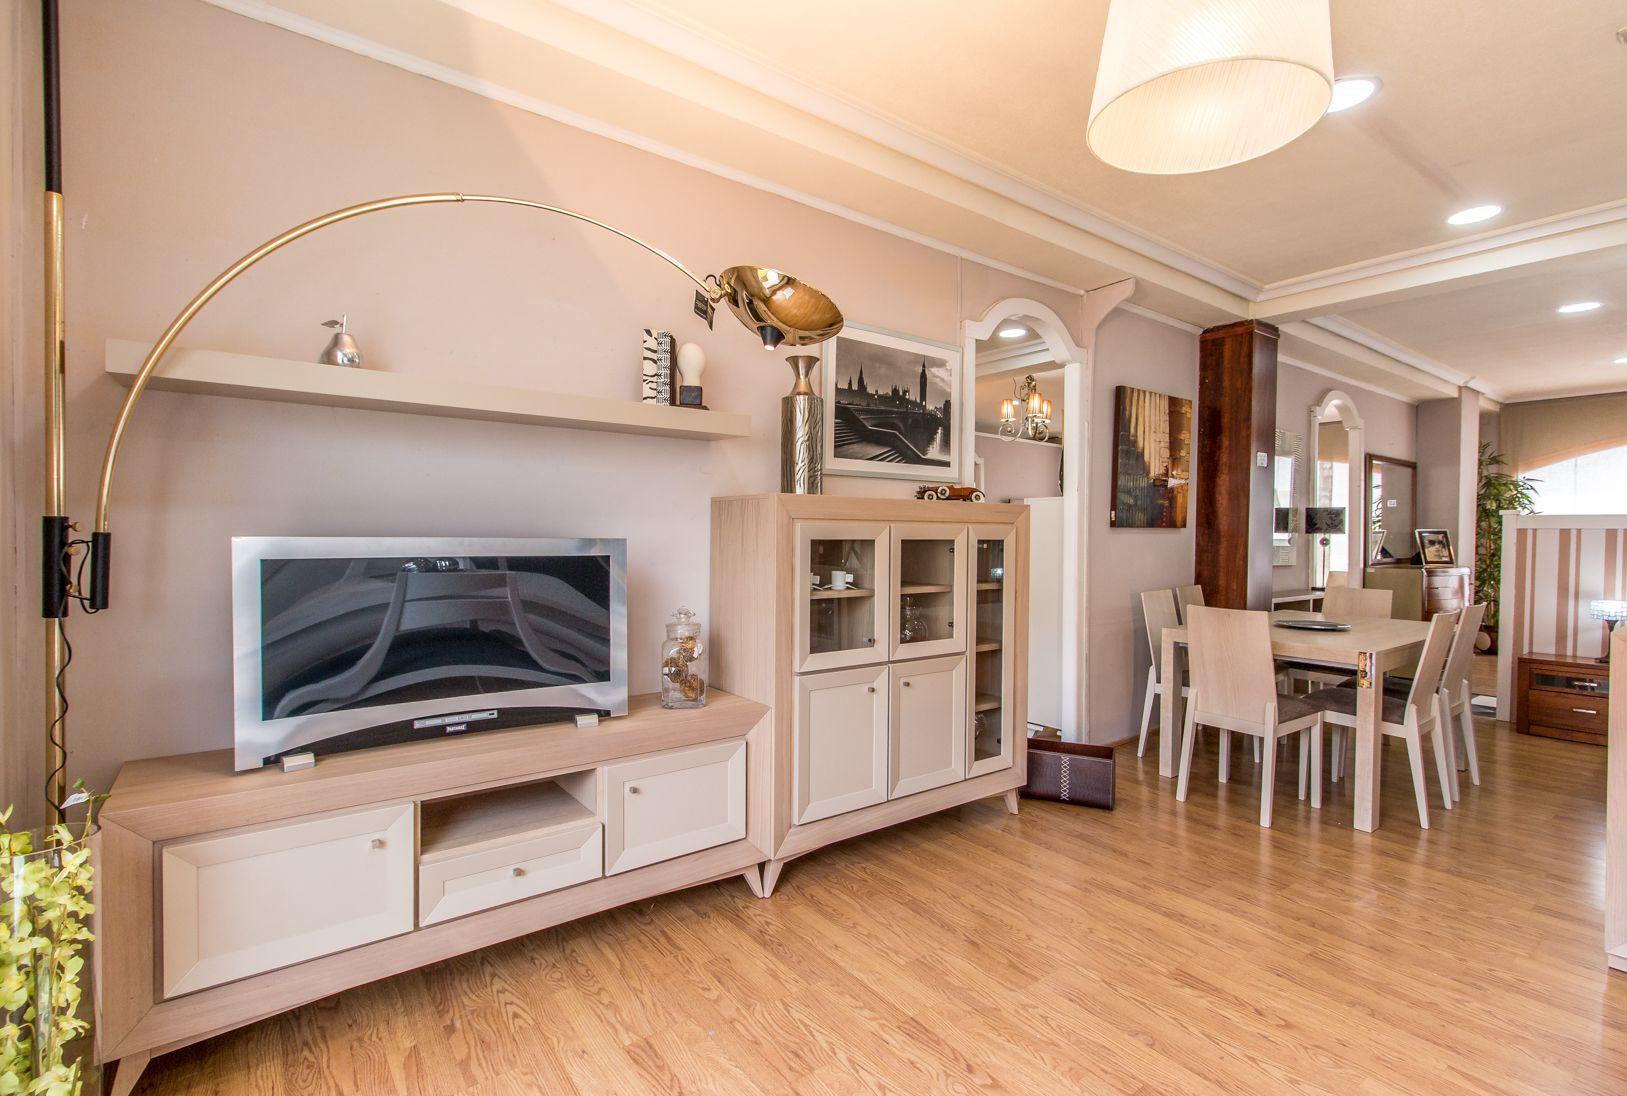 foto 6 de muebles y decoraci n en plasencia muebles vilu